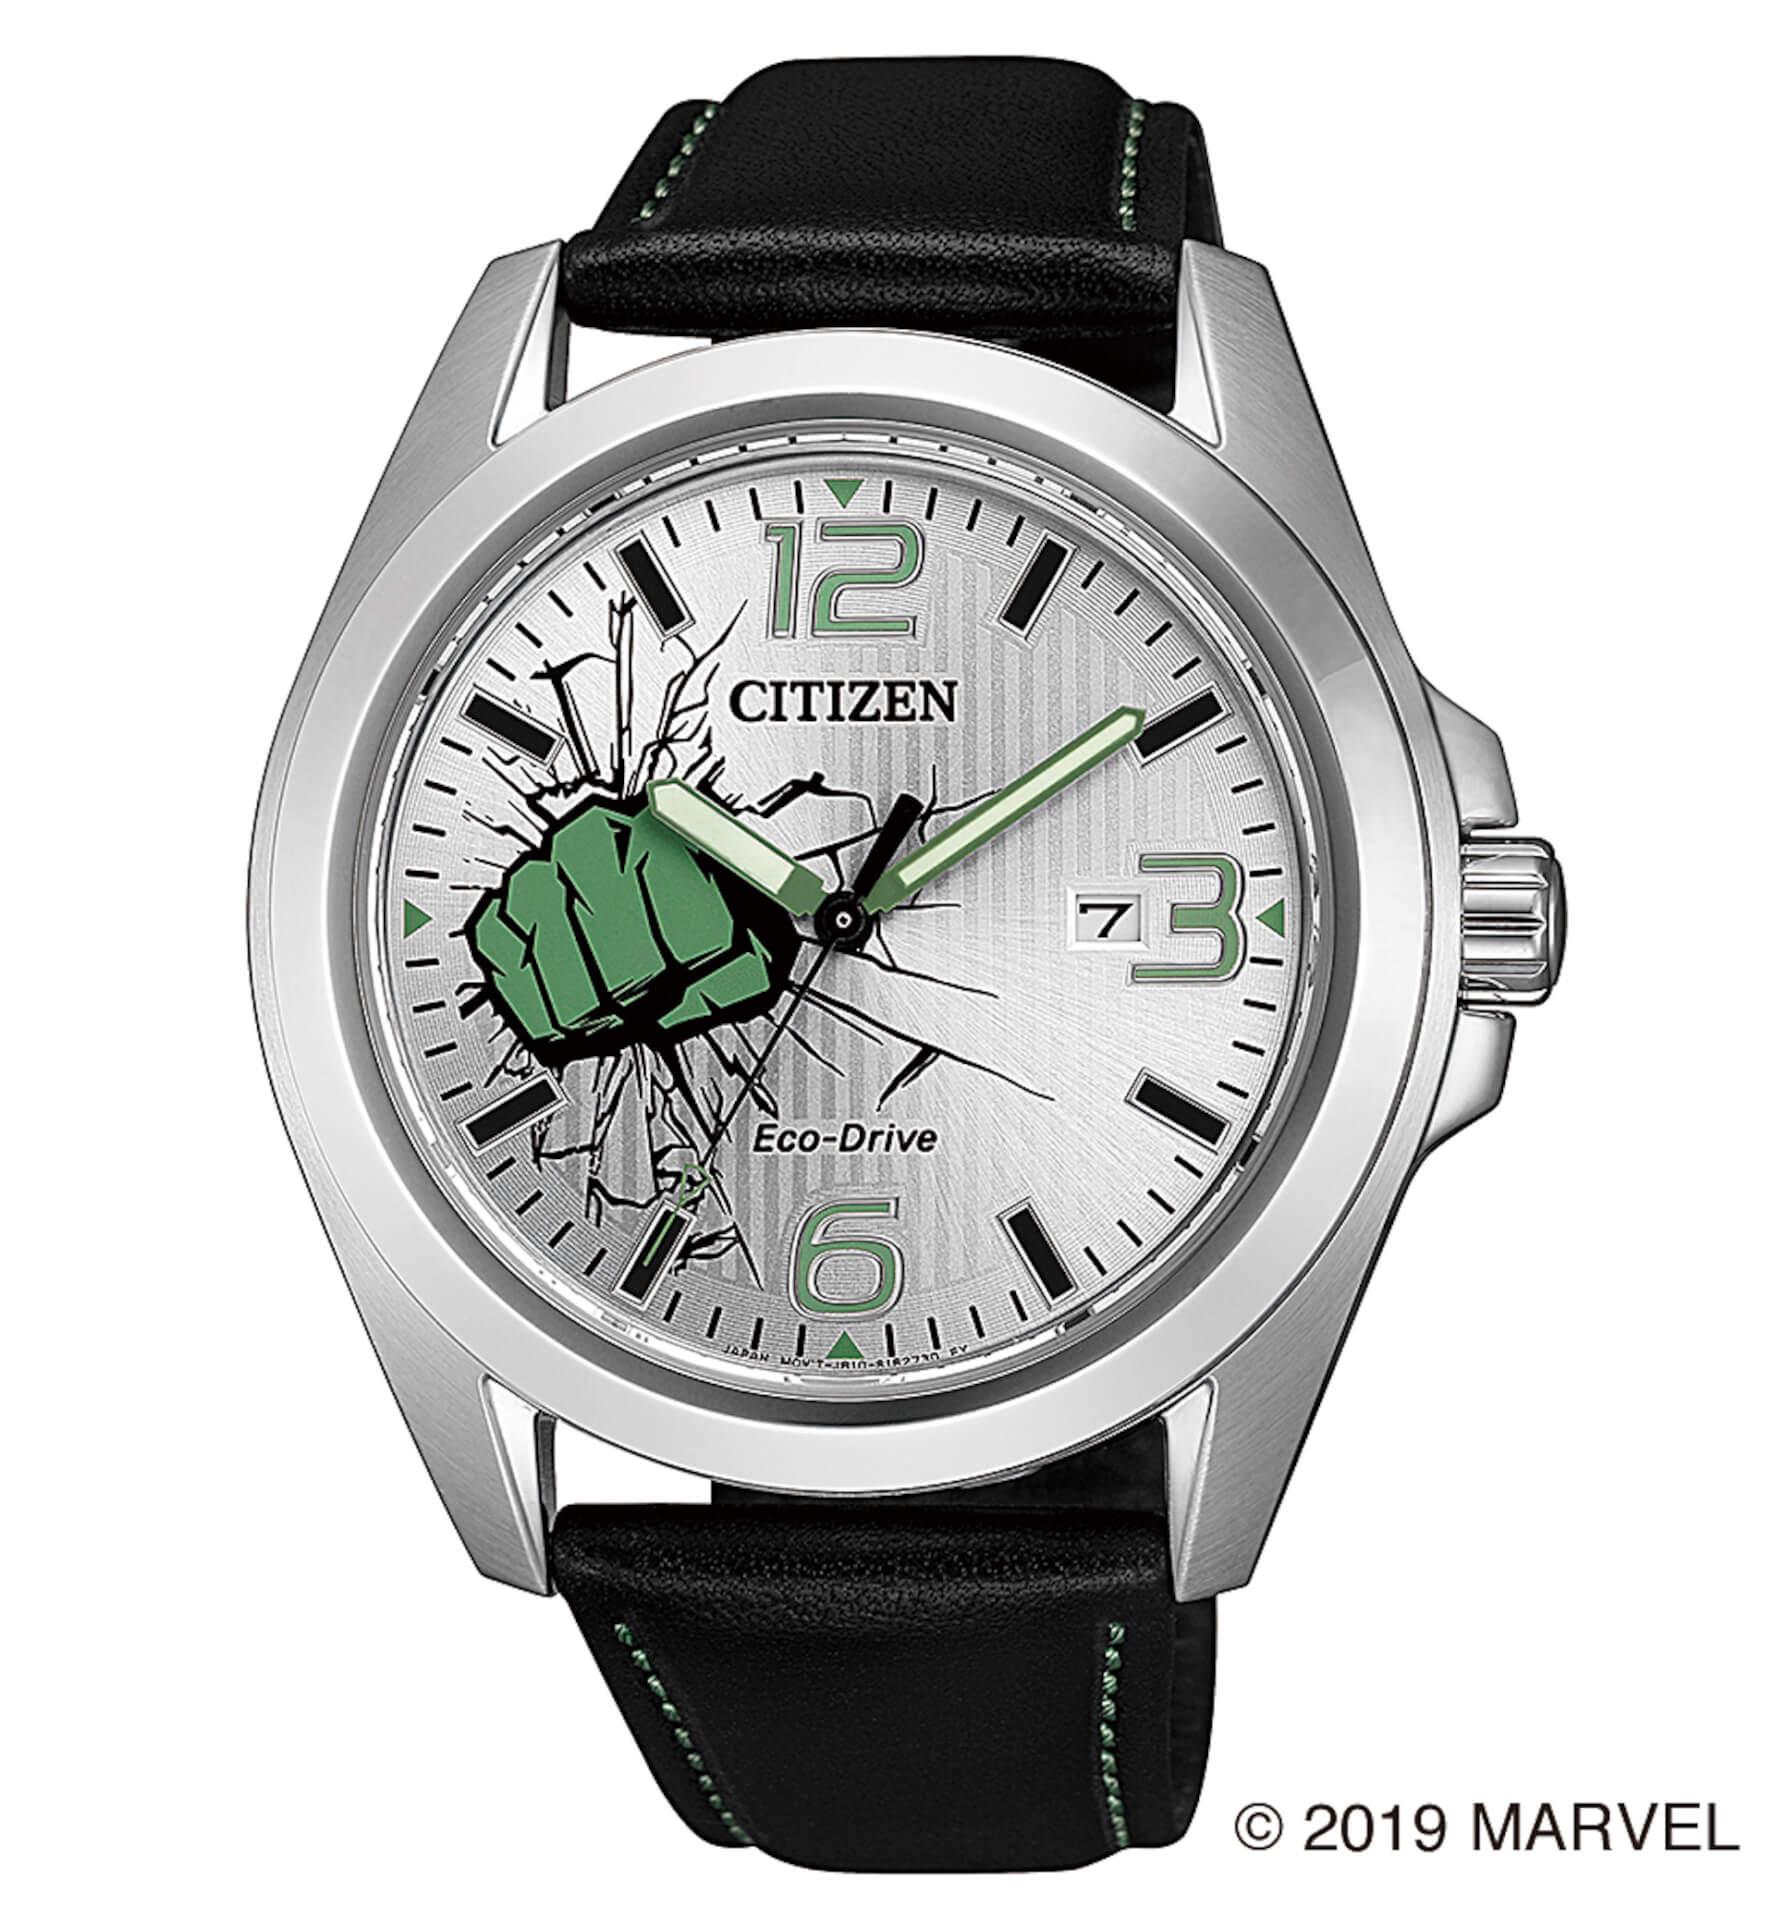 「スパイダーマン」や「キャプテン・アメリカ」が腕時計に!マーベルキャラクターをモチーフにしたシチズン腕時計全9モデルが登場 tech190919_marvel_watch_9